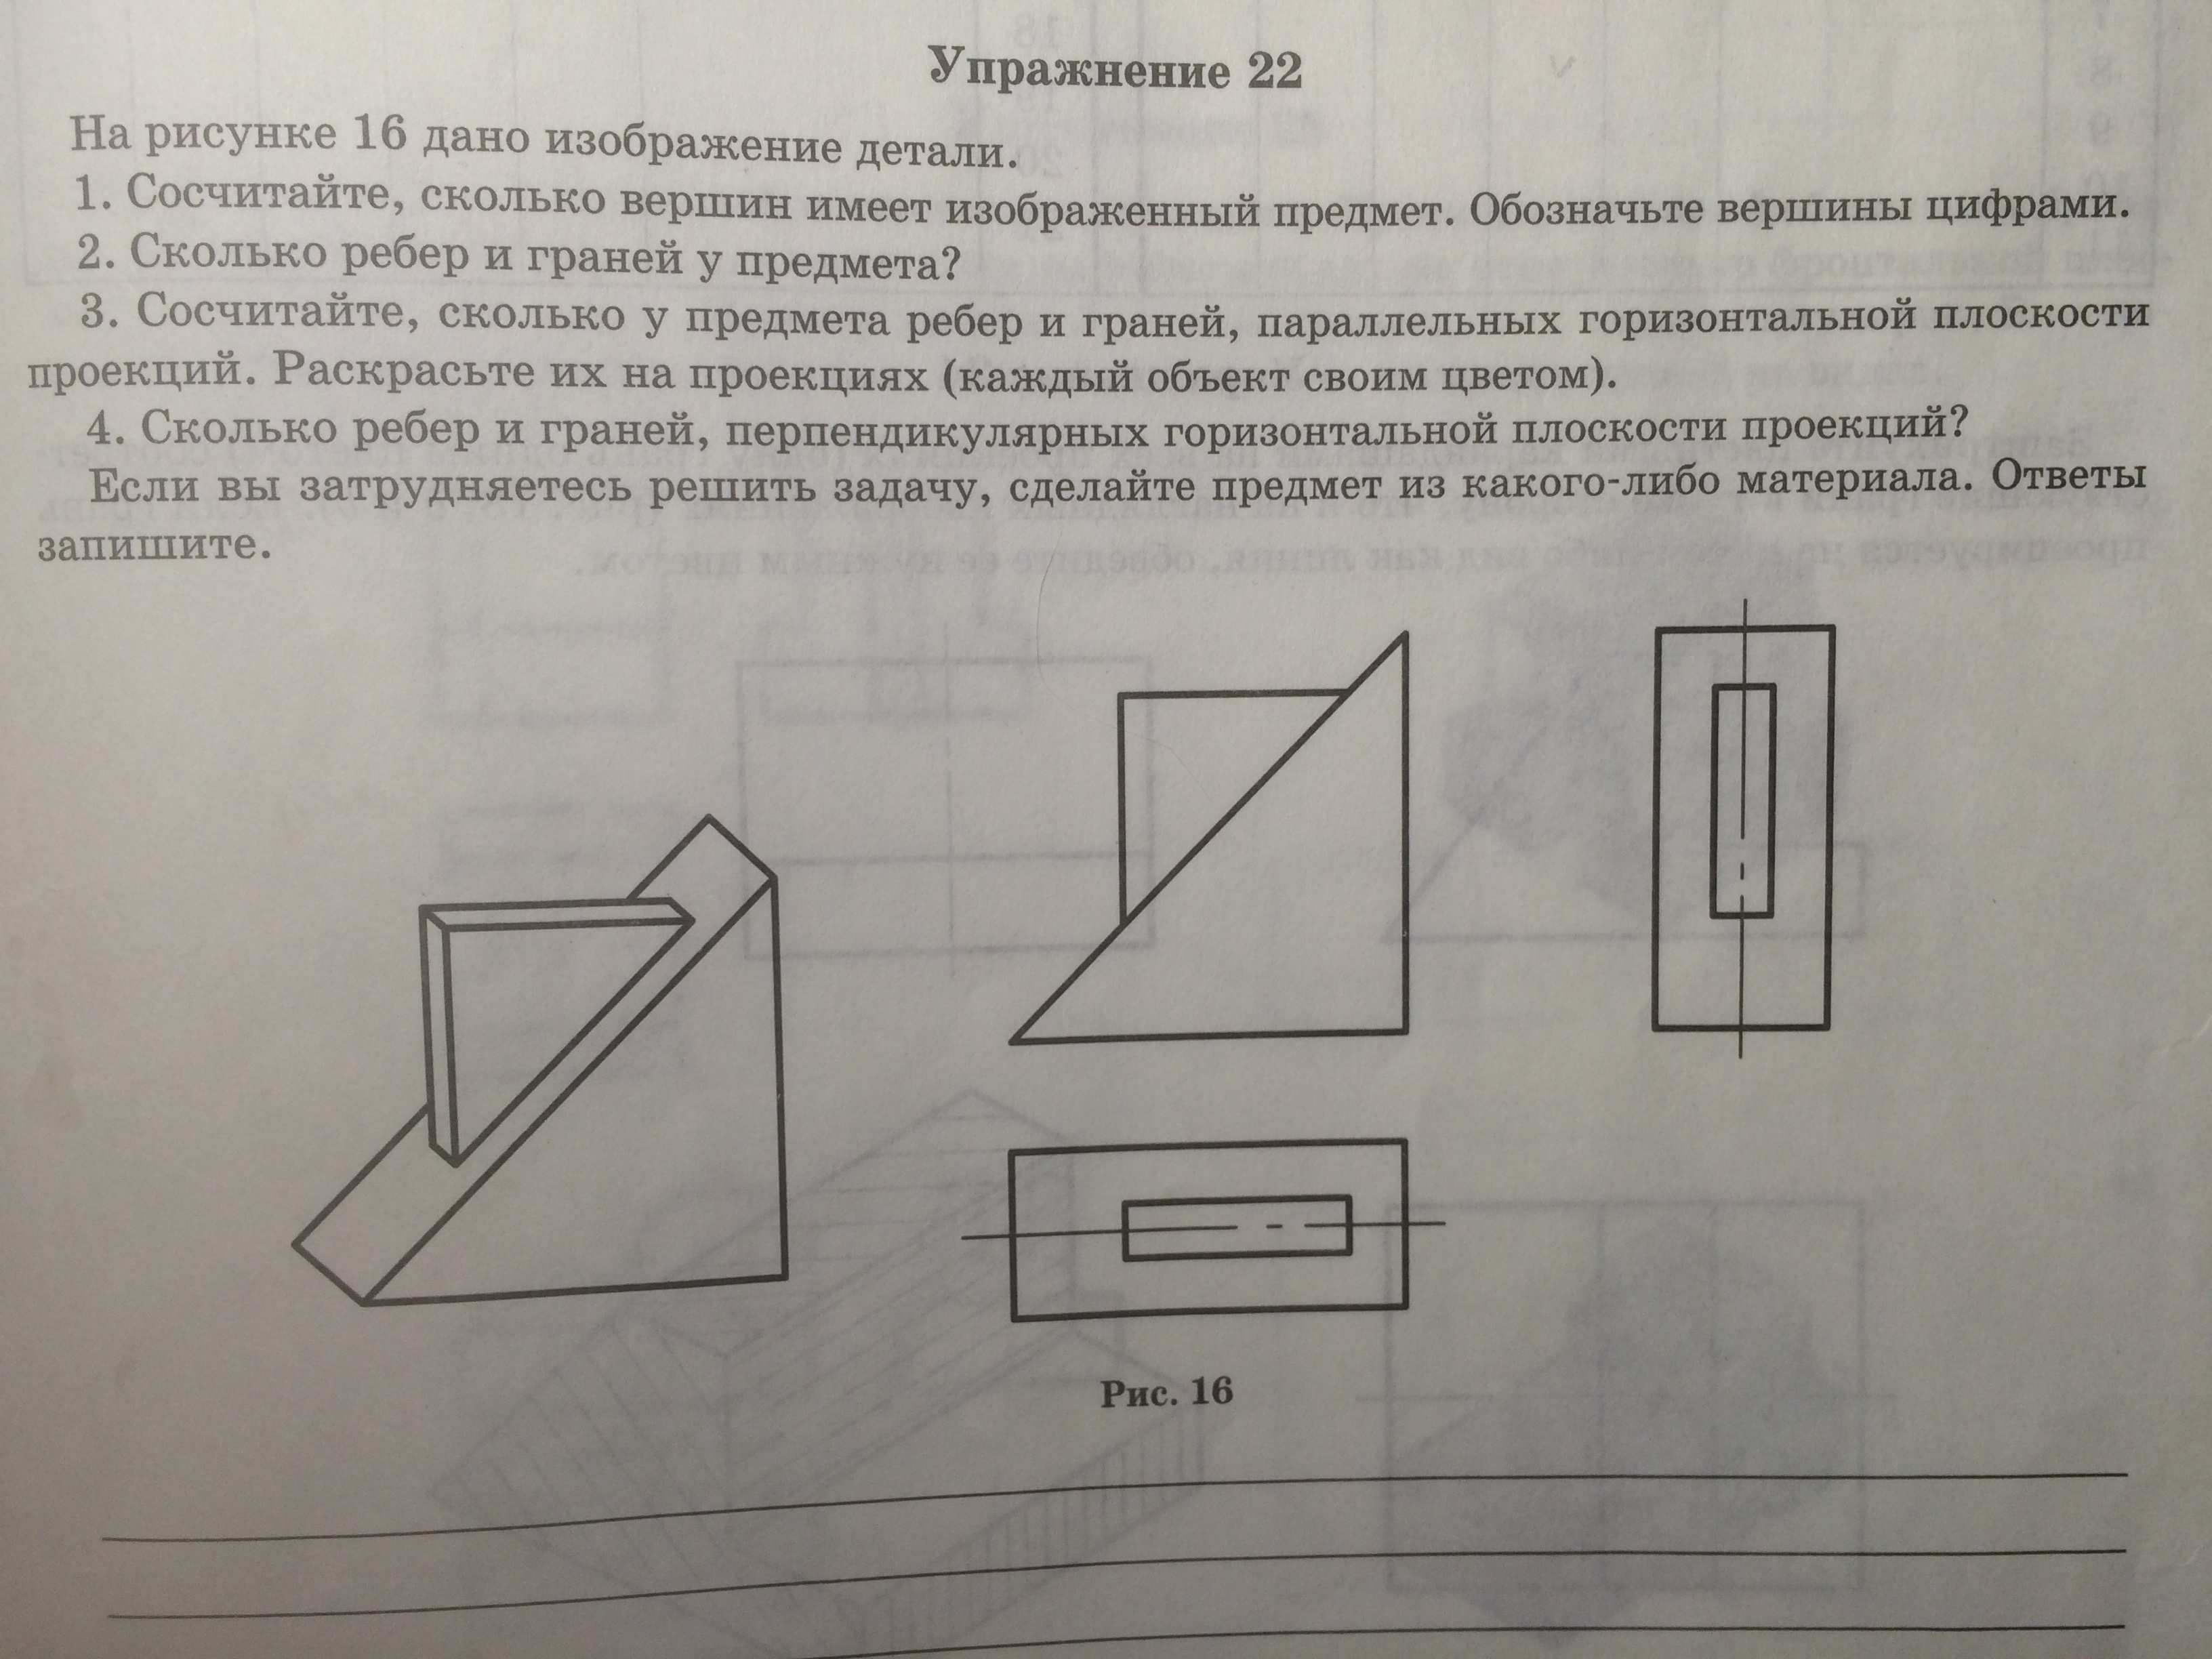 D:\ира\Рисовалки редктированные\черчение\уроки 10 кл\проекции вершин граней ребер\IMG_4149.JPG